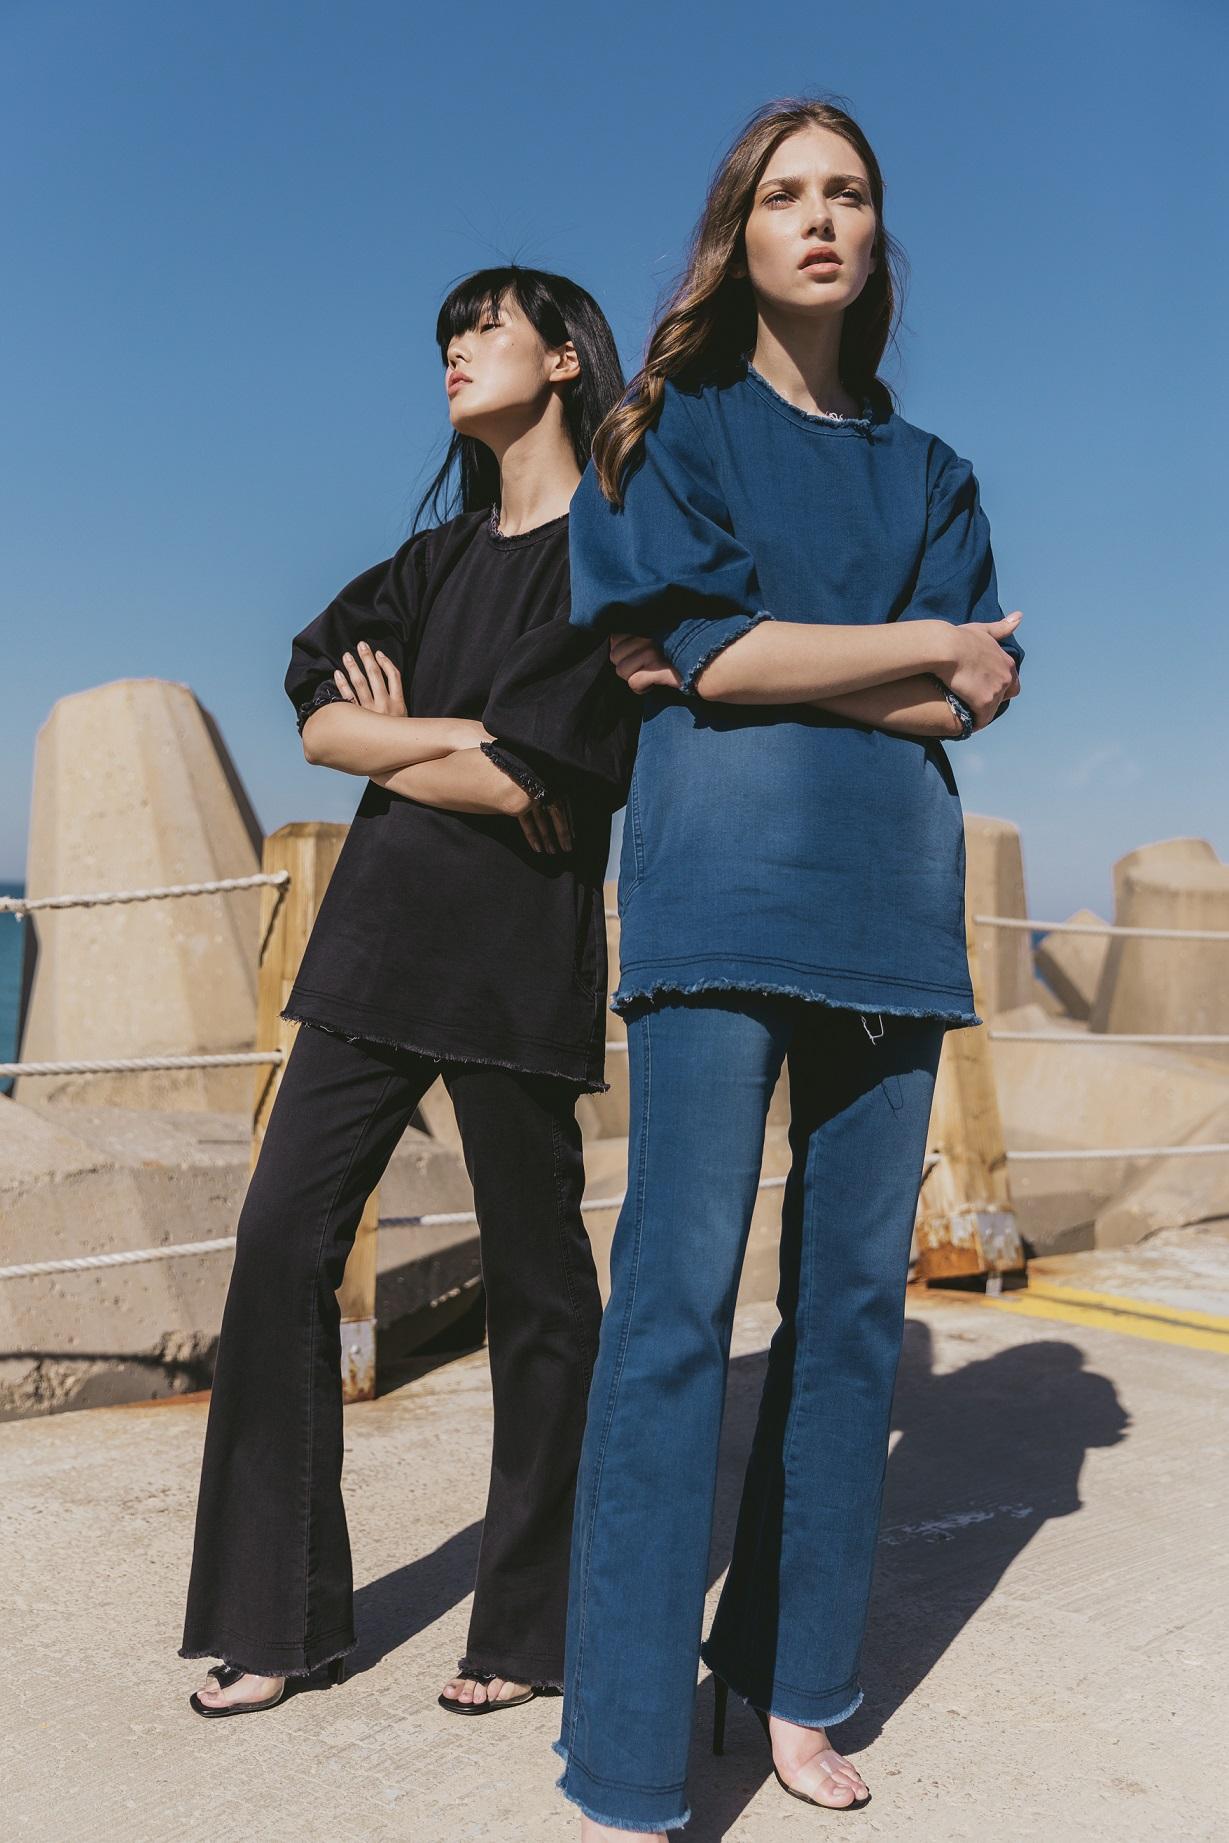 לילך אלגרבלי חליפה 599שח צילום רועי בוקובזה (4).jpg